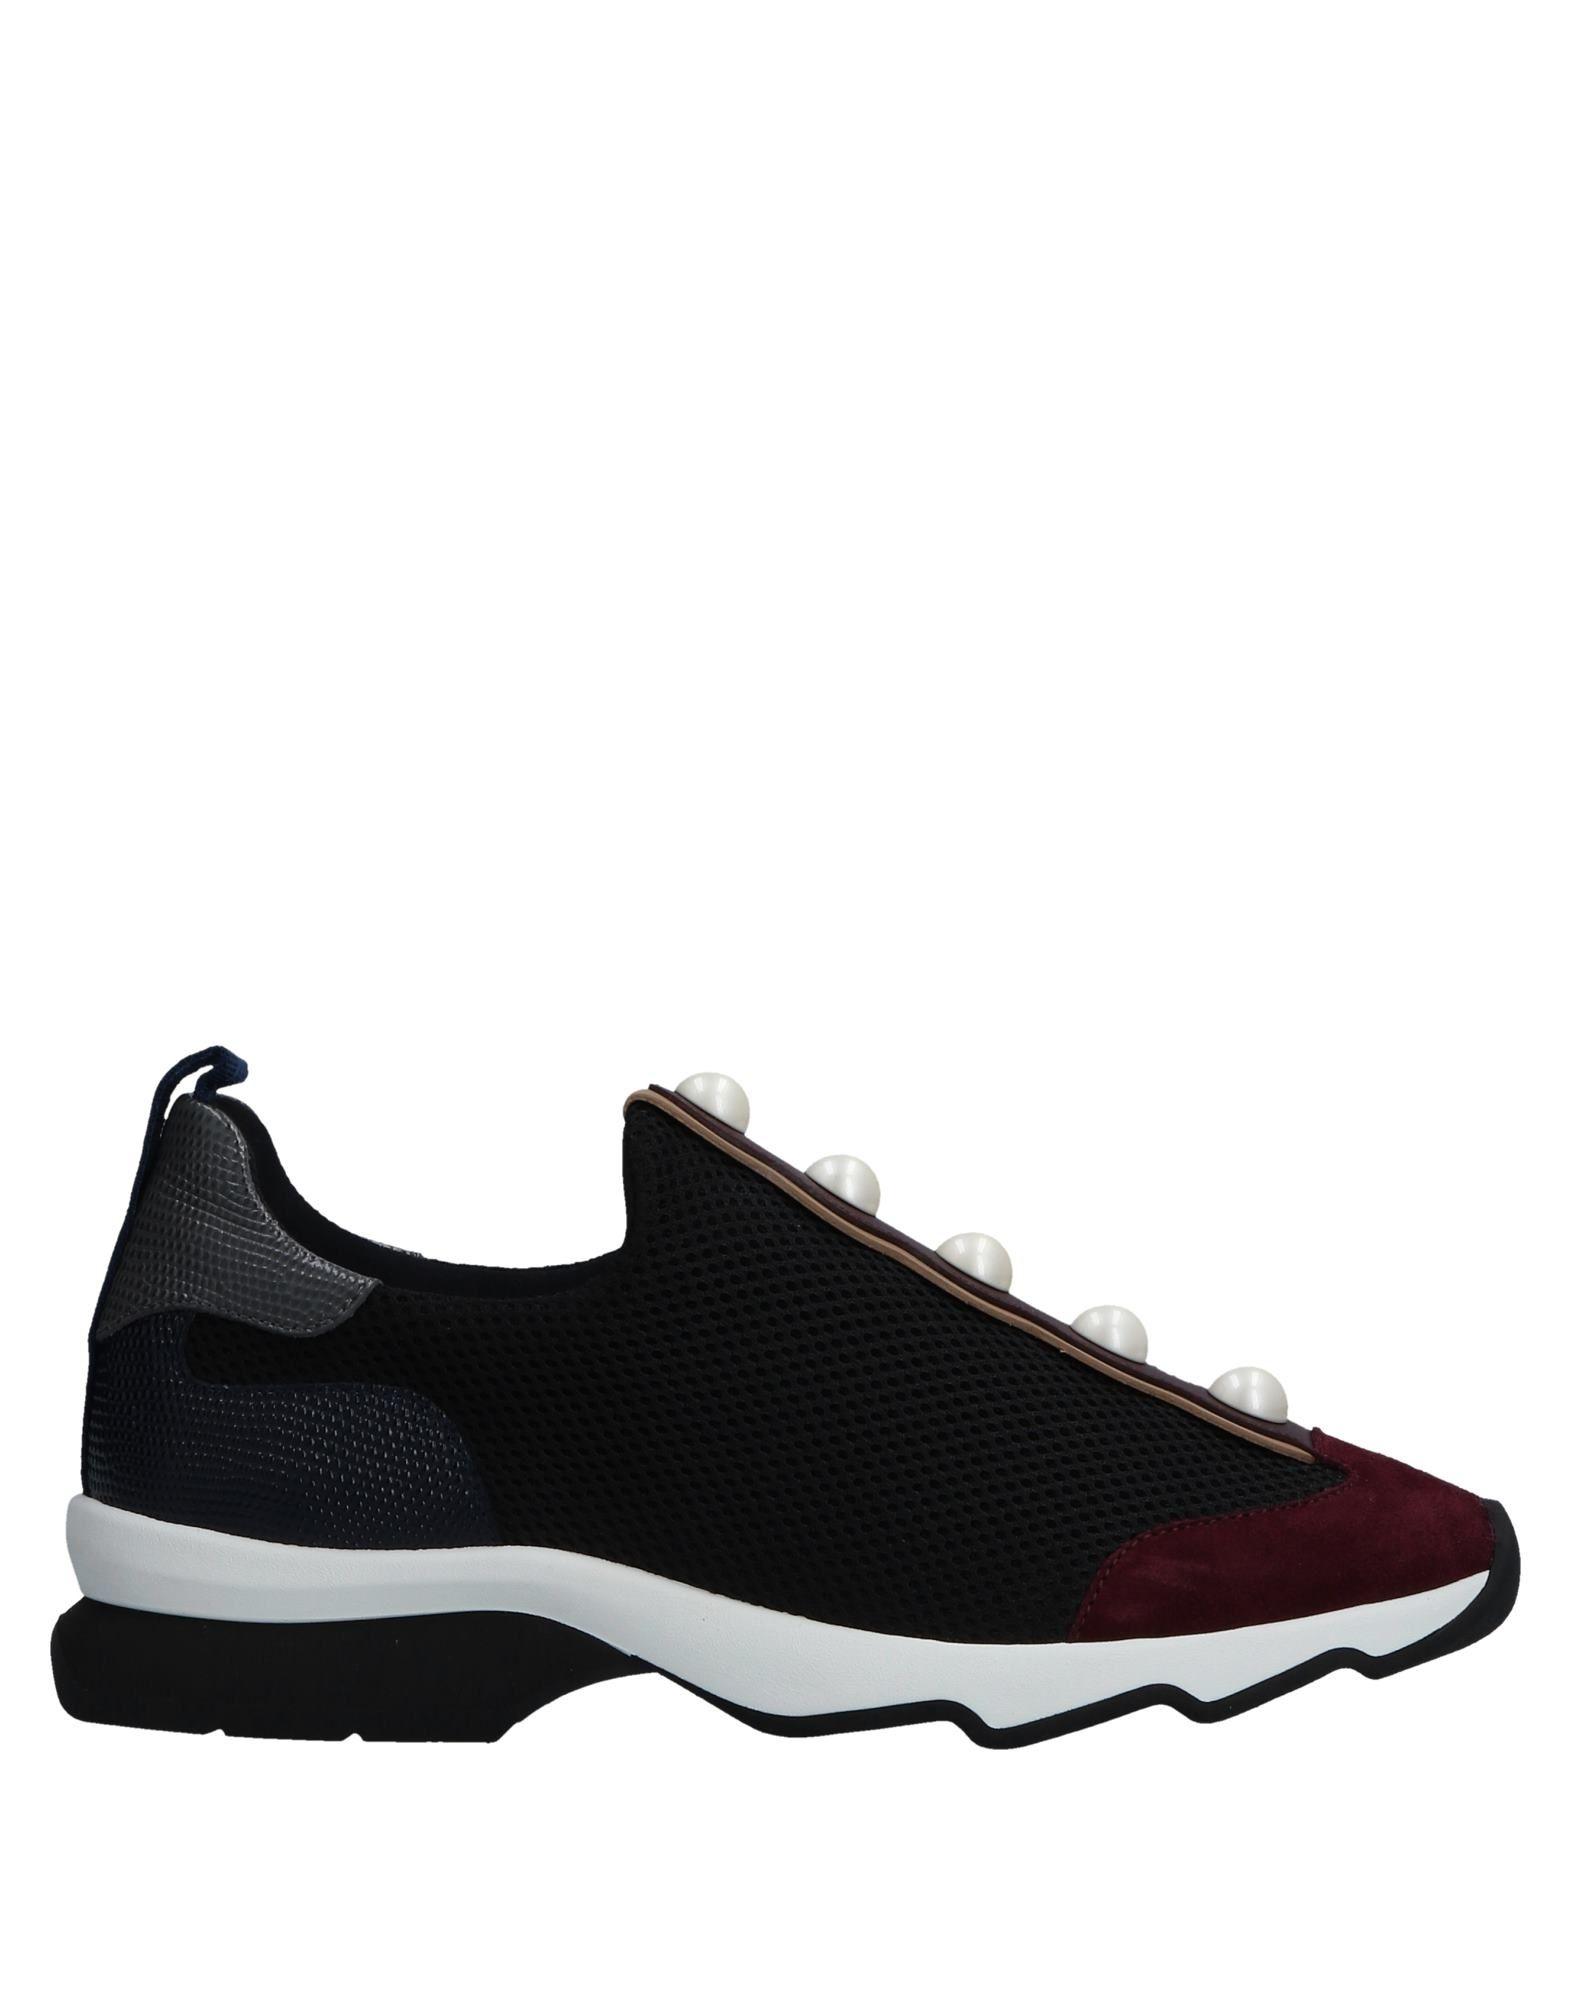 Sneakers Fendi Donna - 11528198SL Scarpe economiche e buone